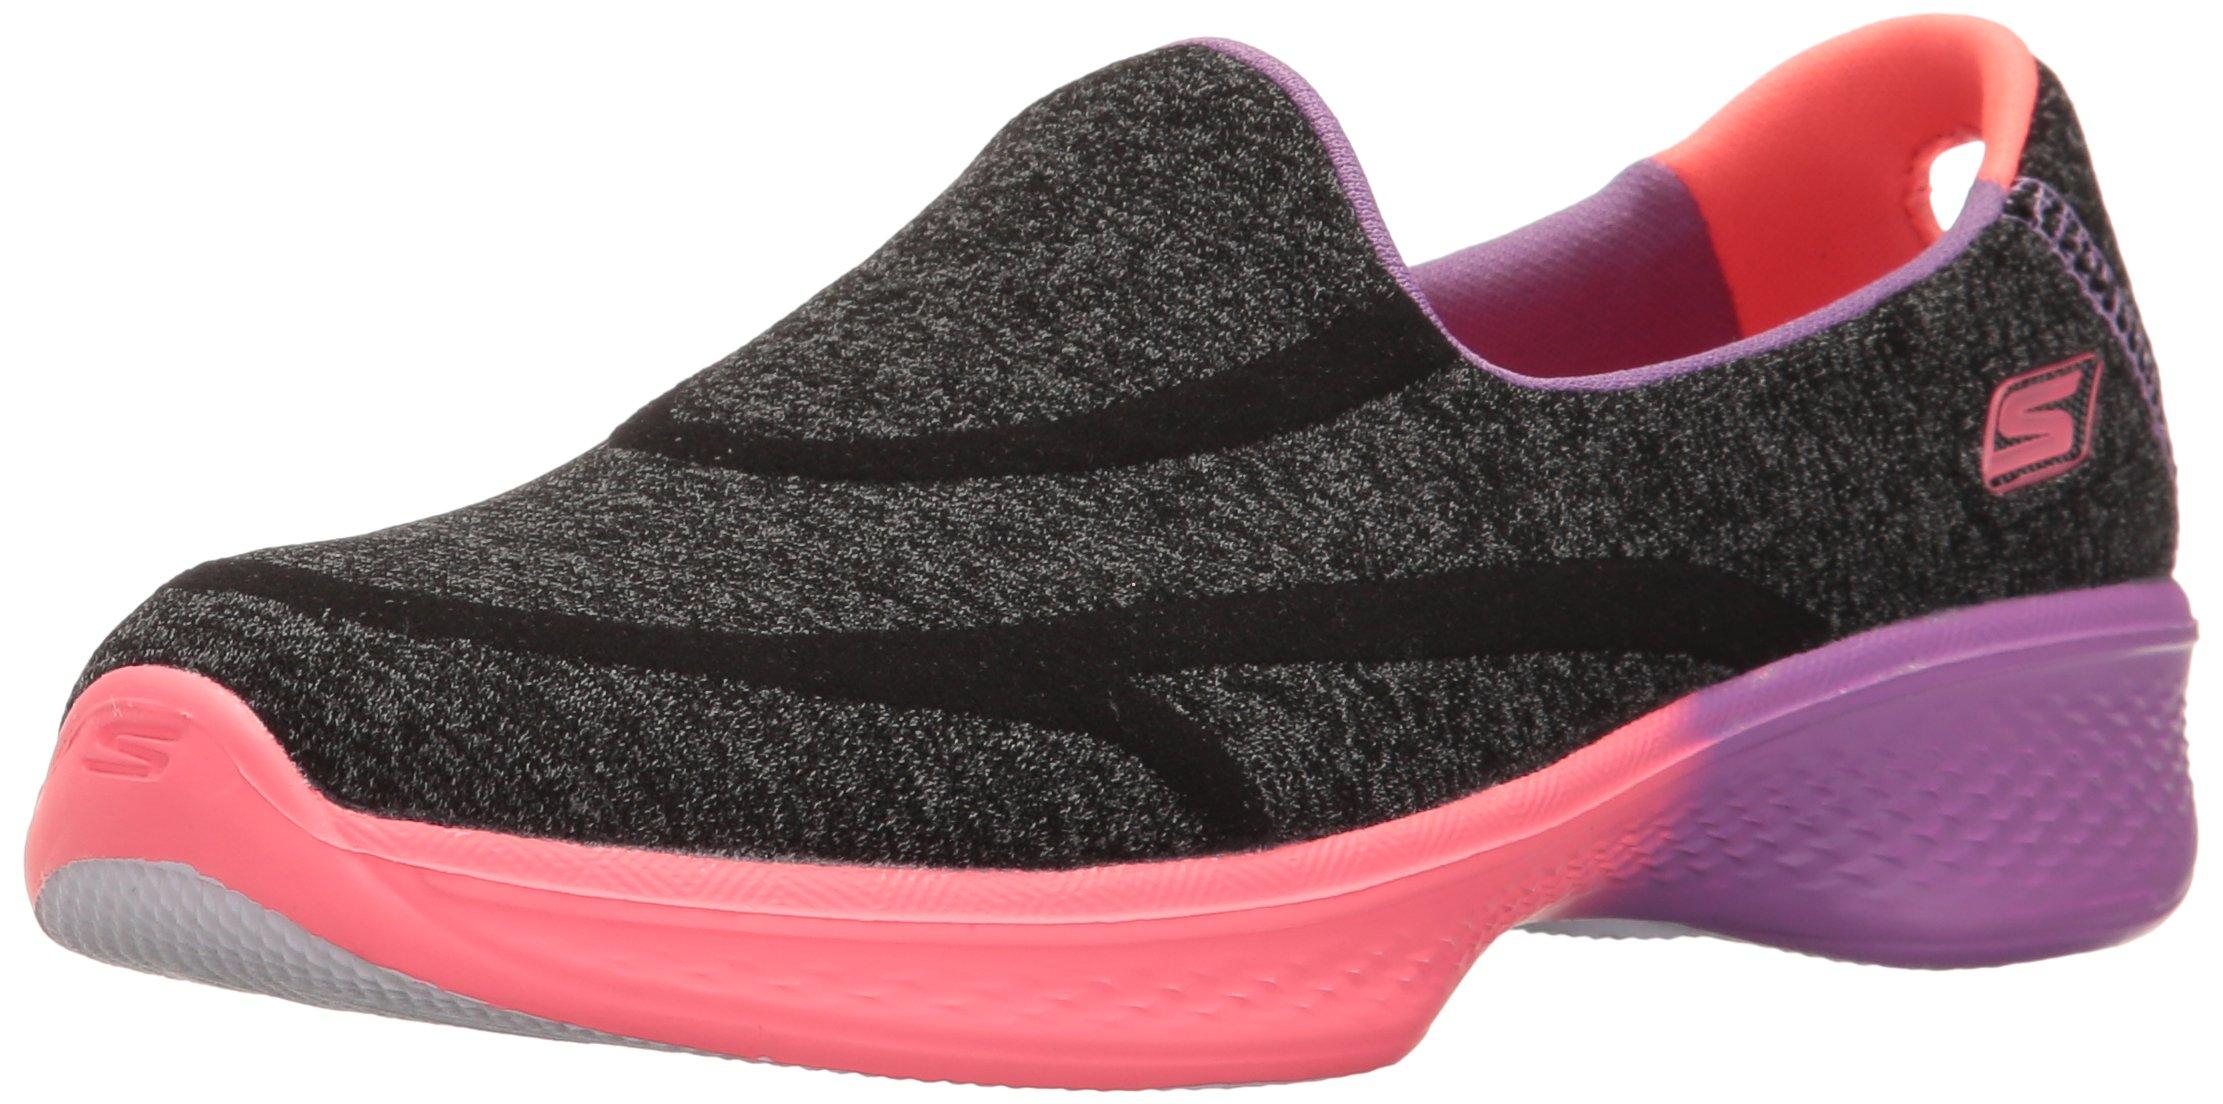 Skechers Kids Girls Go Walk 4-Awesome Ombres Loafer,Black/Multi,5.5 M US Big Kid